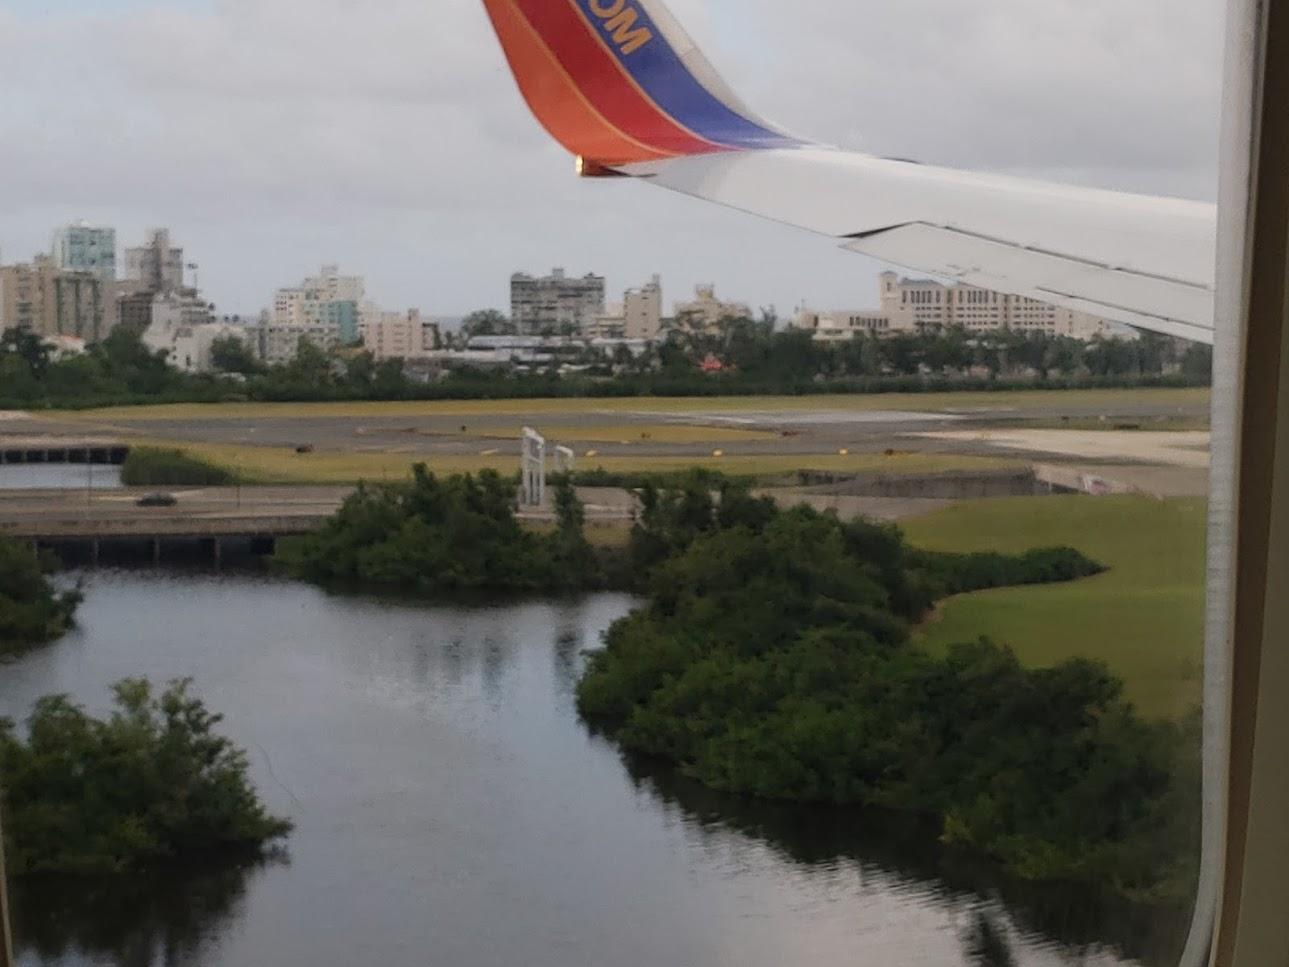 Puerto Rico Agosto 2018 - Aterrizando 18